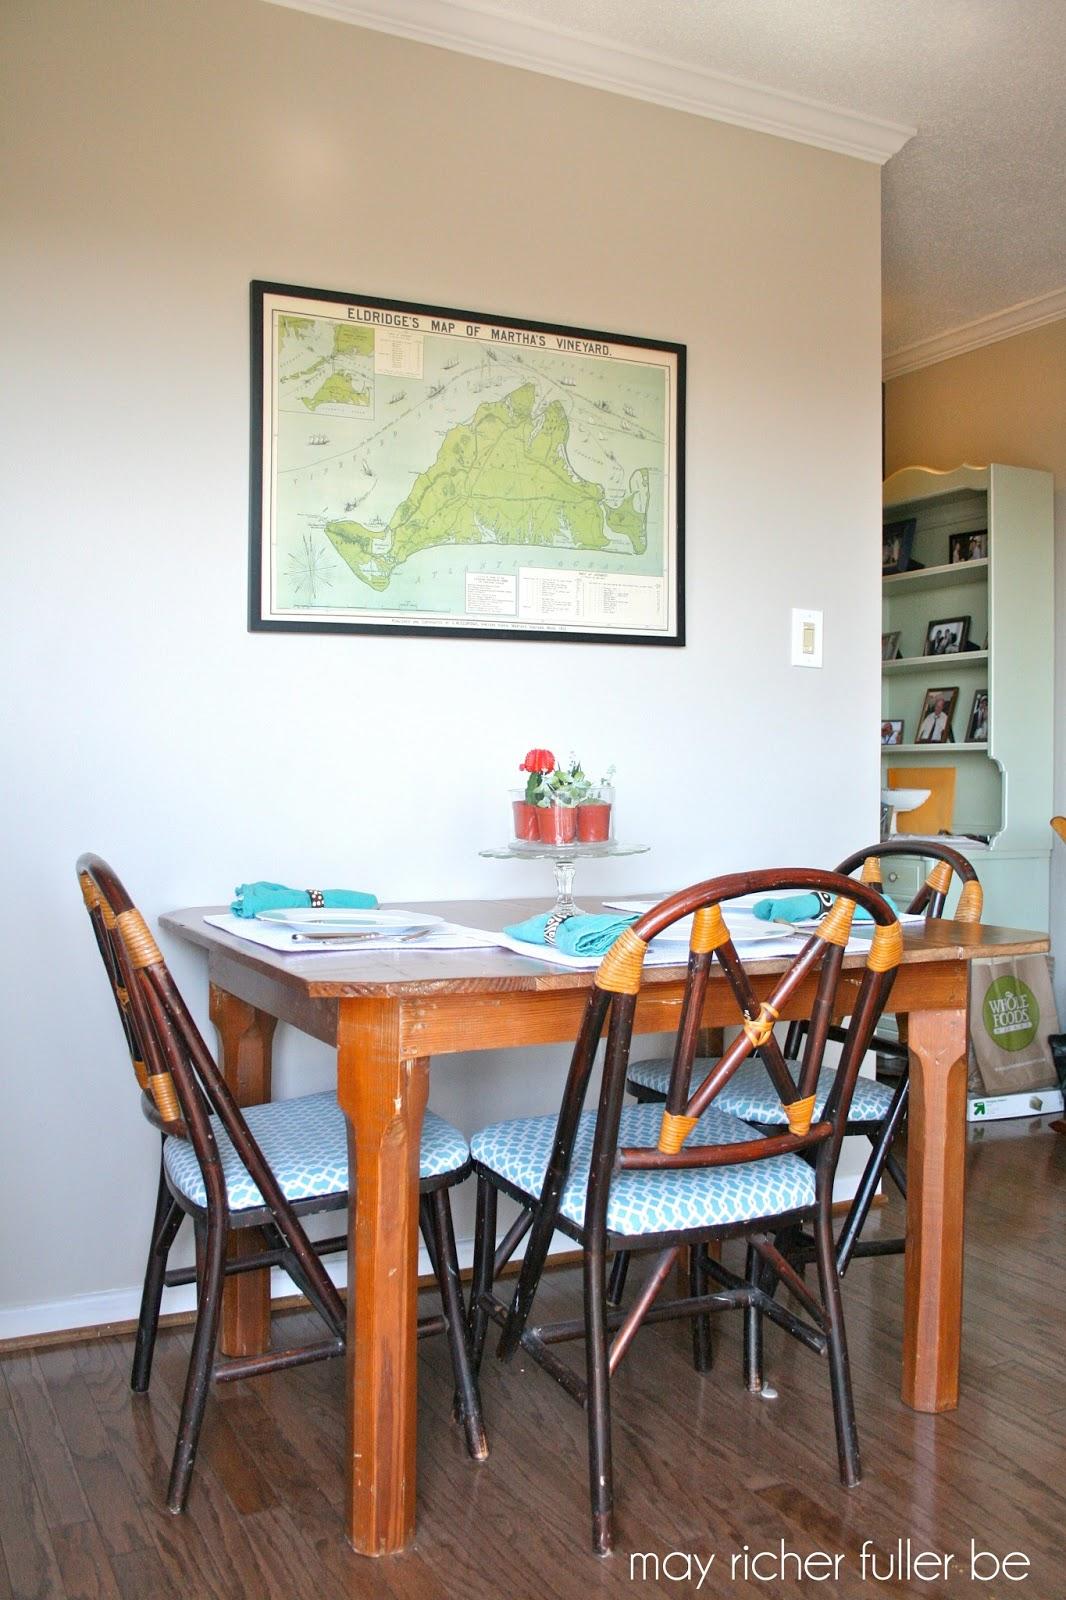 brainstorming dining table pendant lights. Black Bedroom Furniture Sets. Home Design Ideas